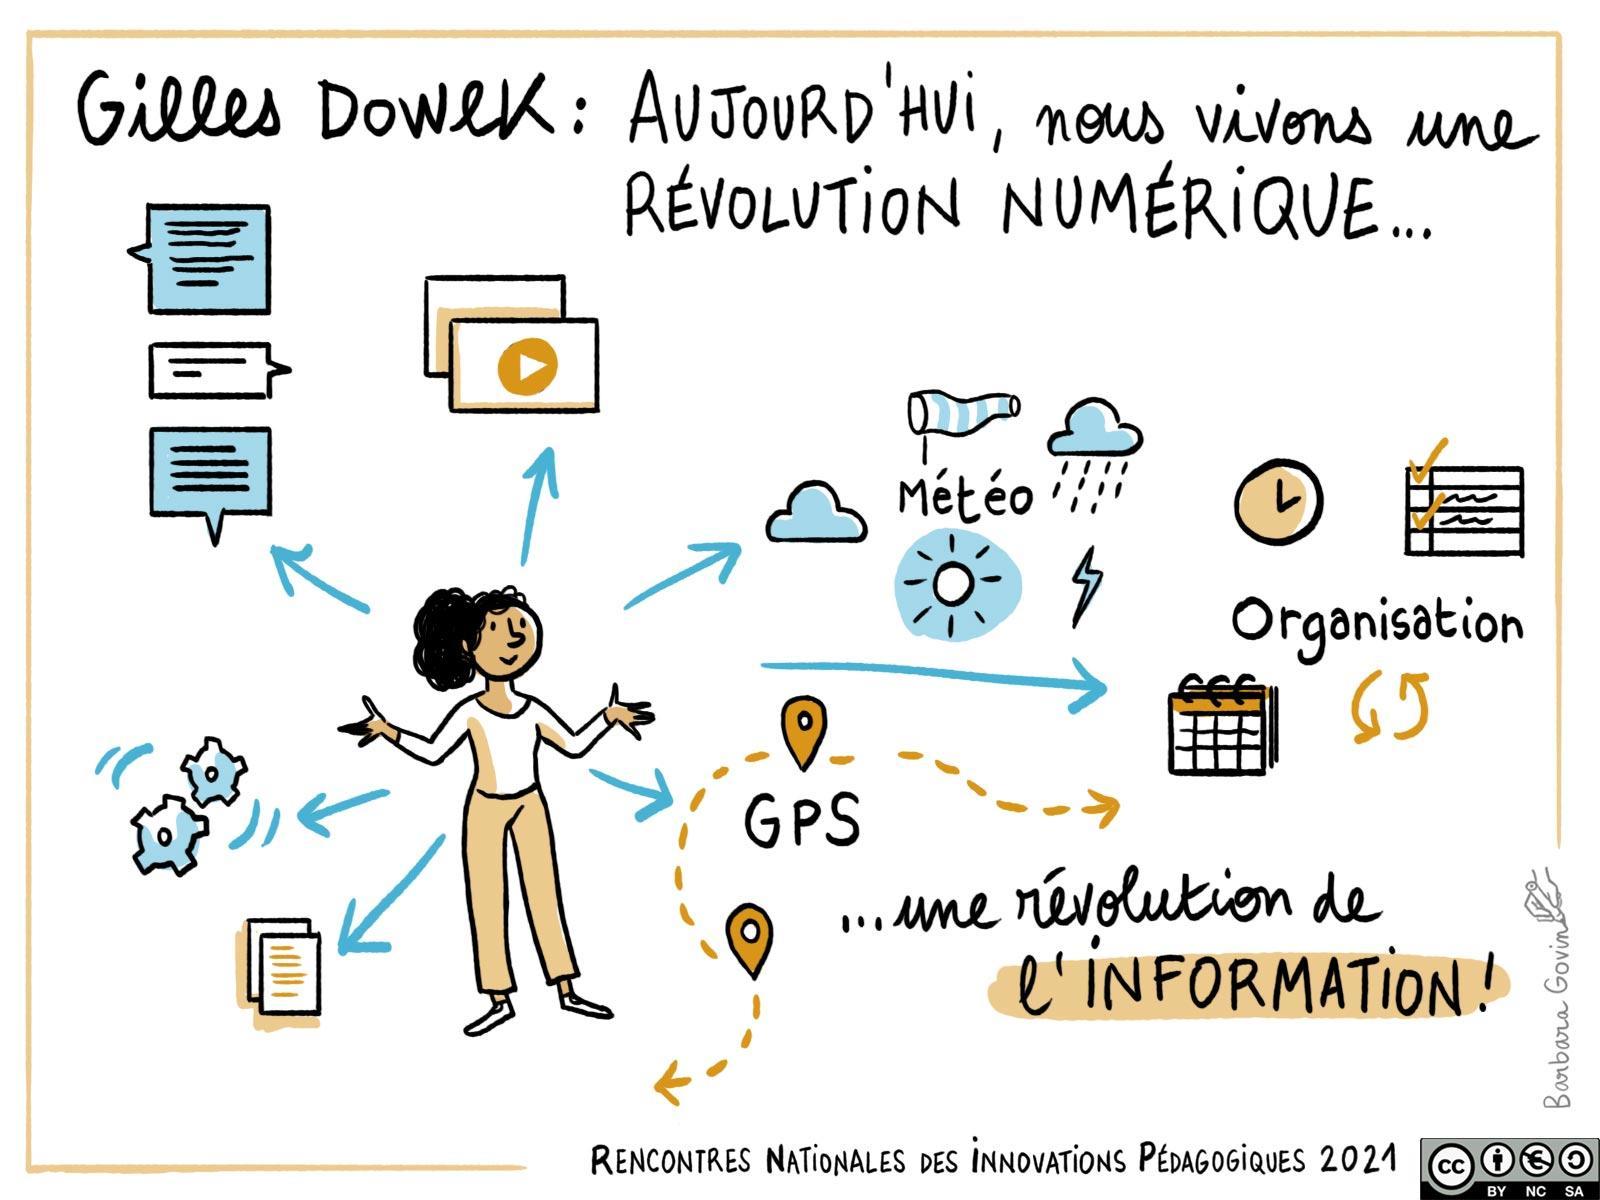 04. Gilles Dowek - révolution numérique